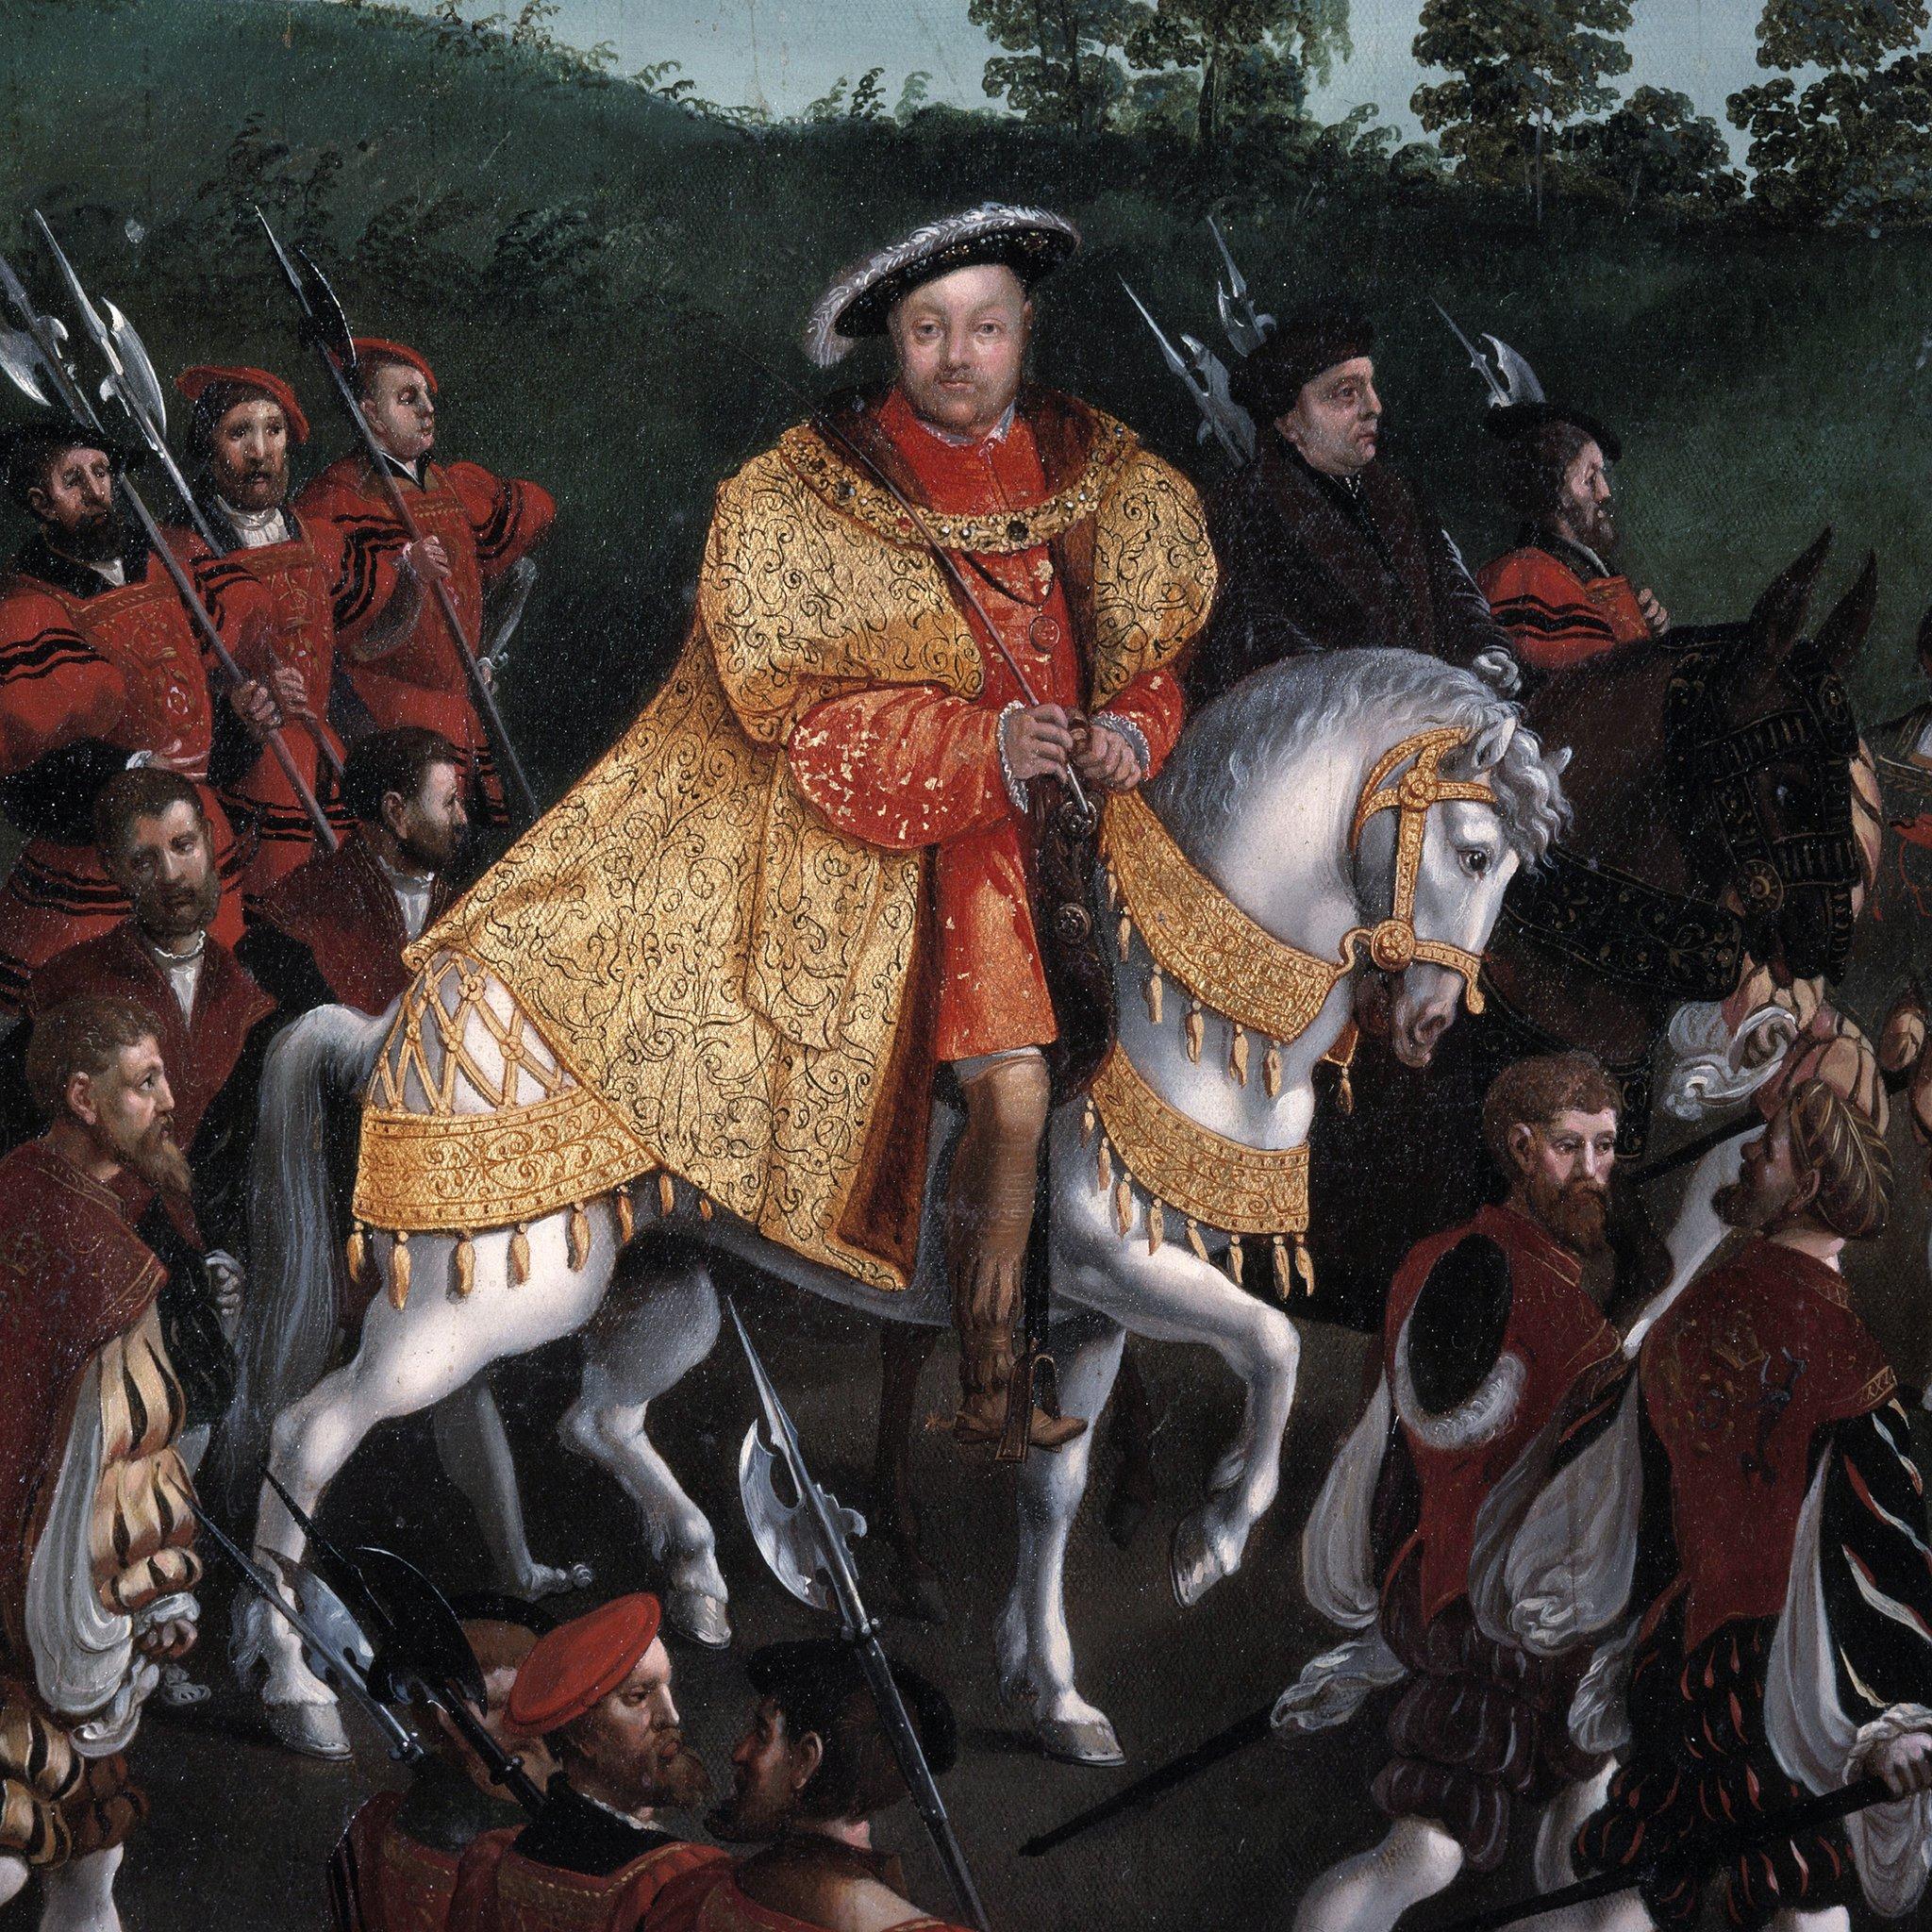 El rey Enrique a caballo, una de las tres veces que aparece el rey inglés aparece en la pintura.